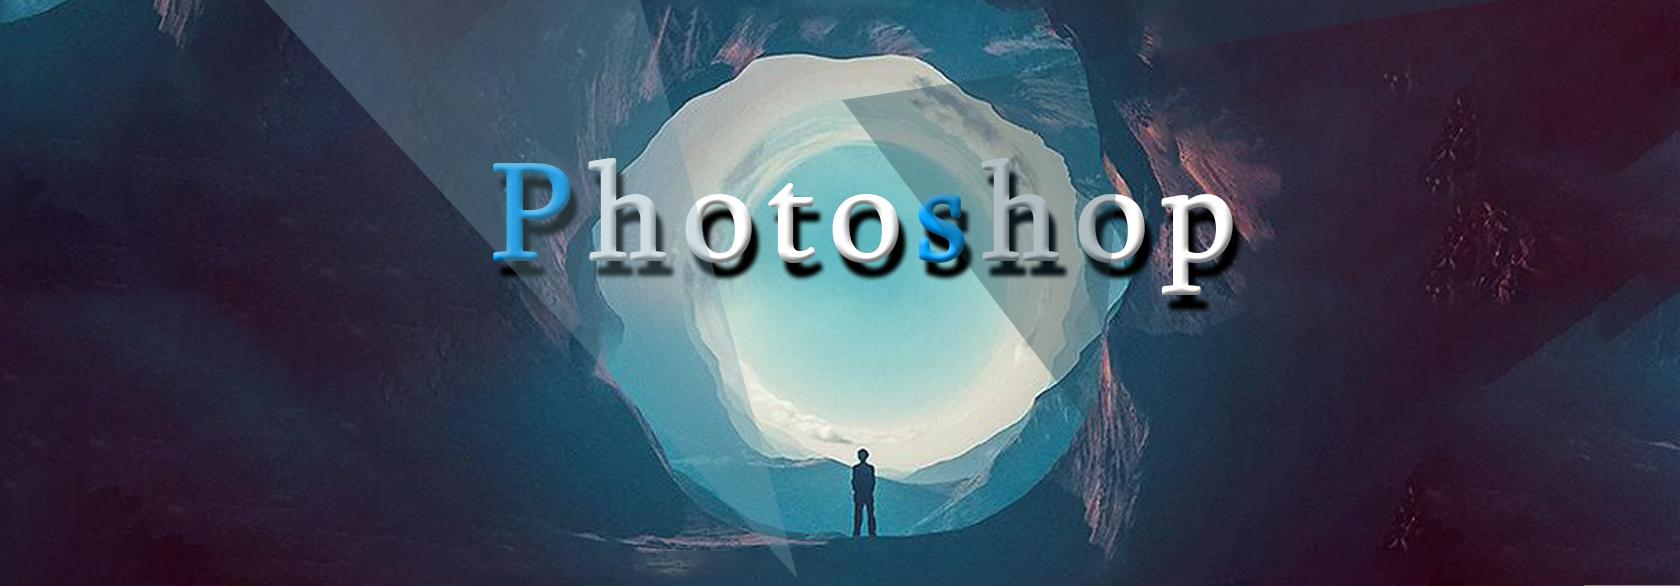 凡小鑫Photoshop CC2018视频教程分享